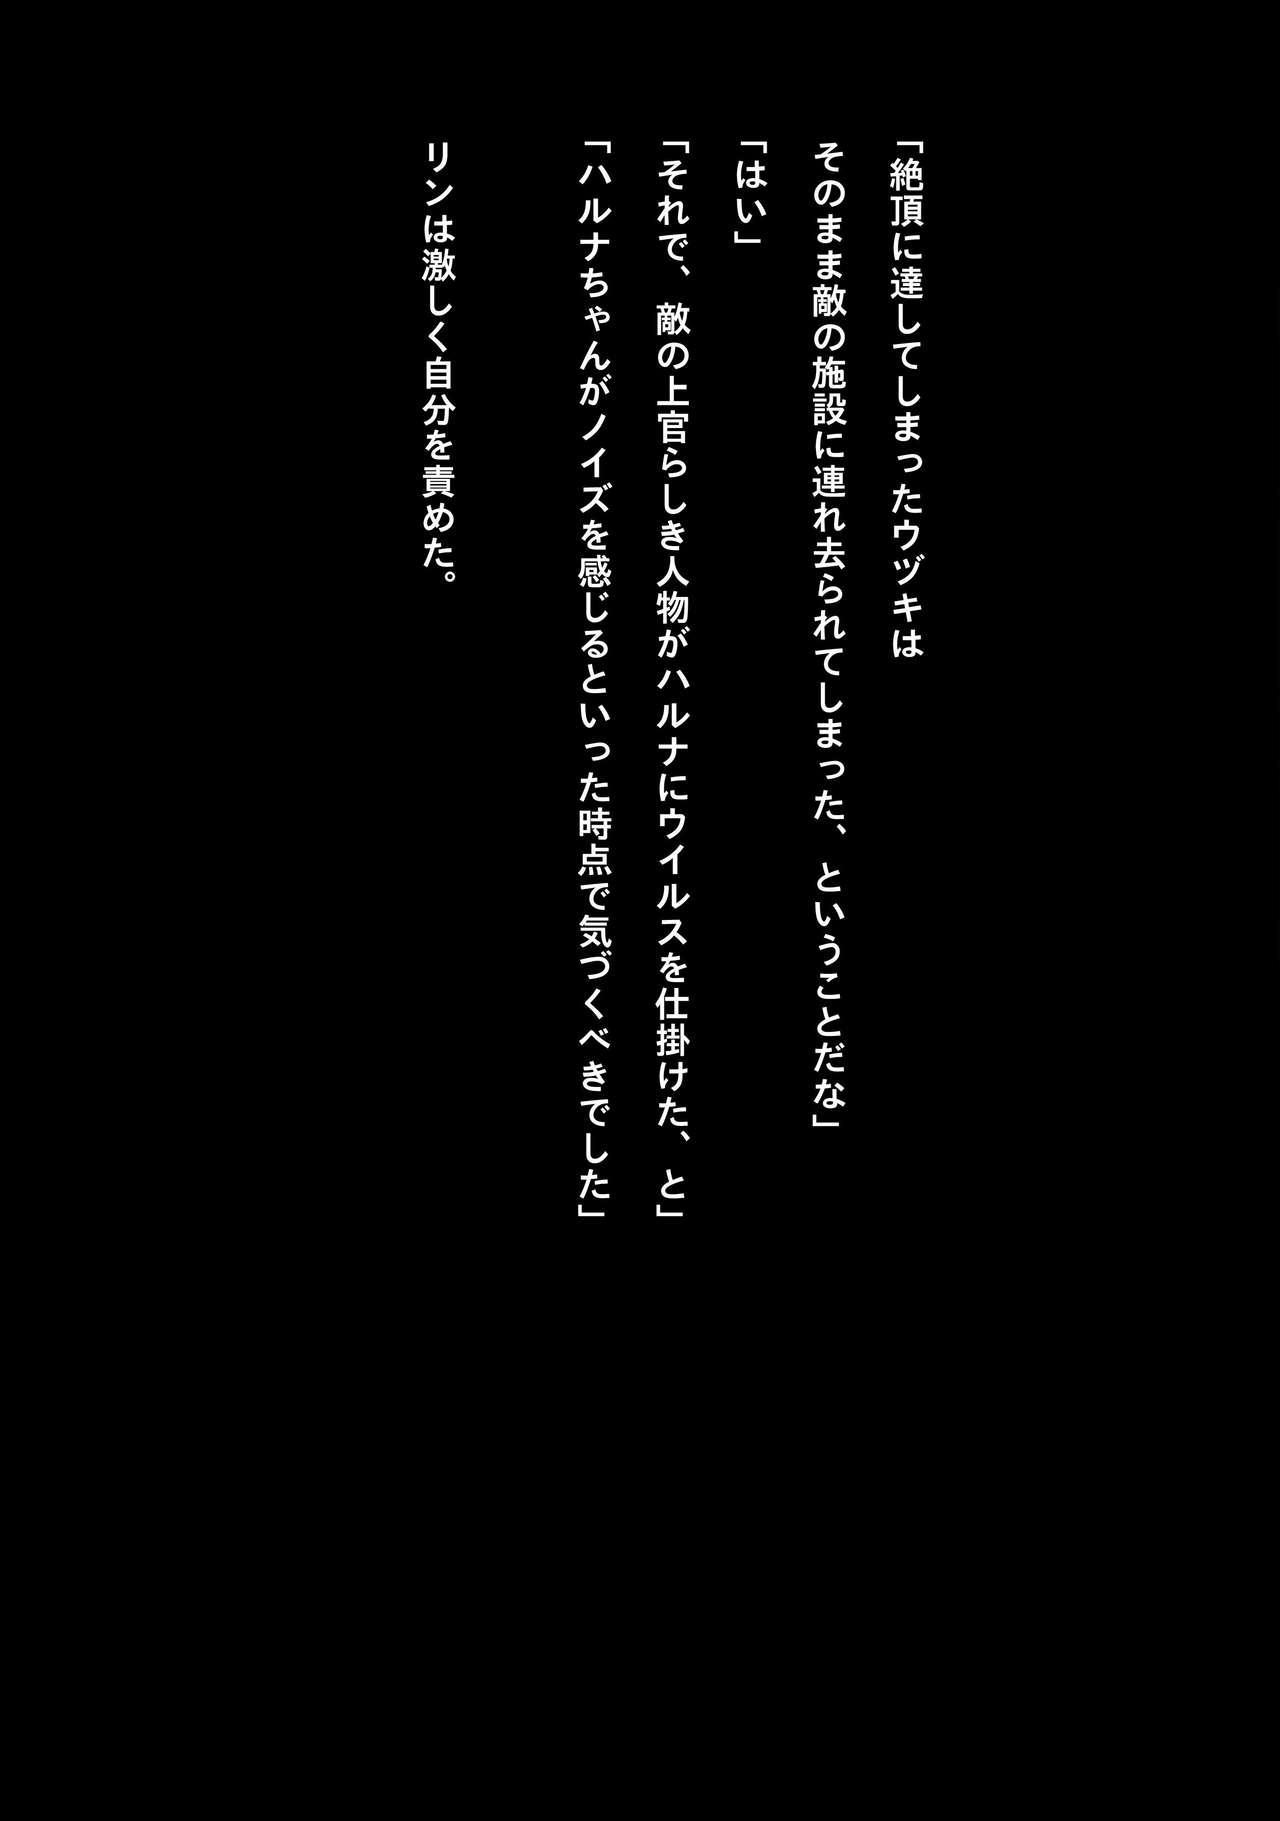 Idol Cyber Battle NEO GENERATOR episode 3 Seisan! Shi o kakugo shita shunkan 26